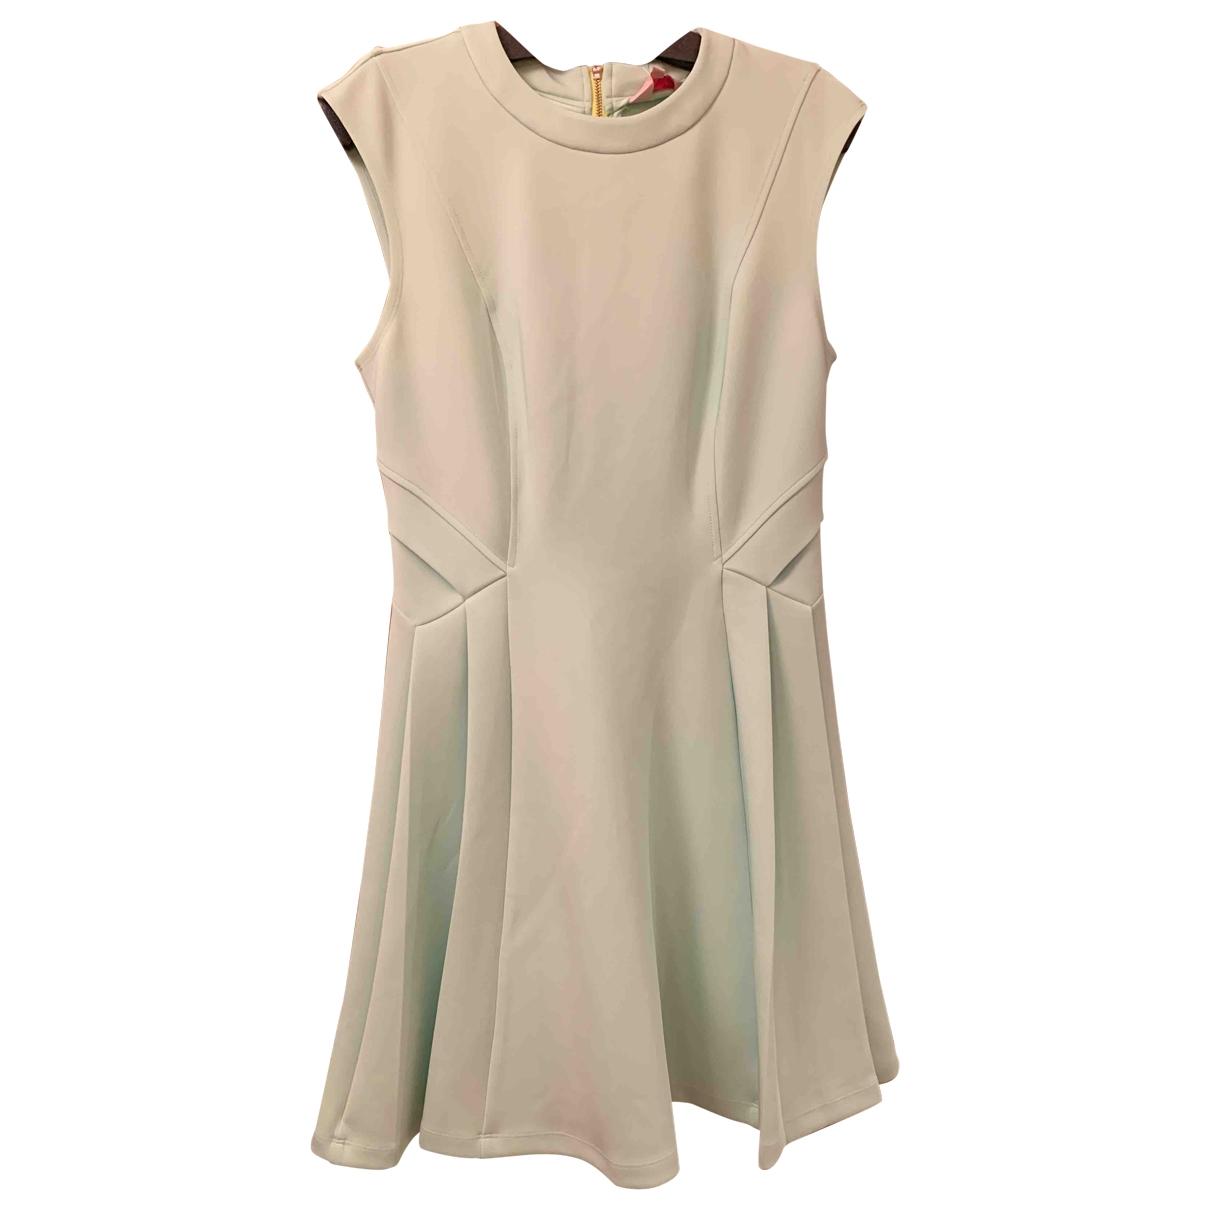 Ted Baker \N Green dress for Women 2 0-5